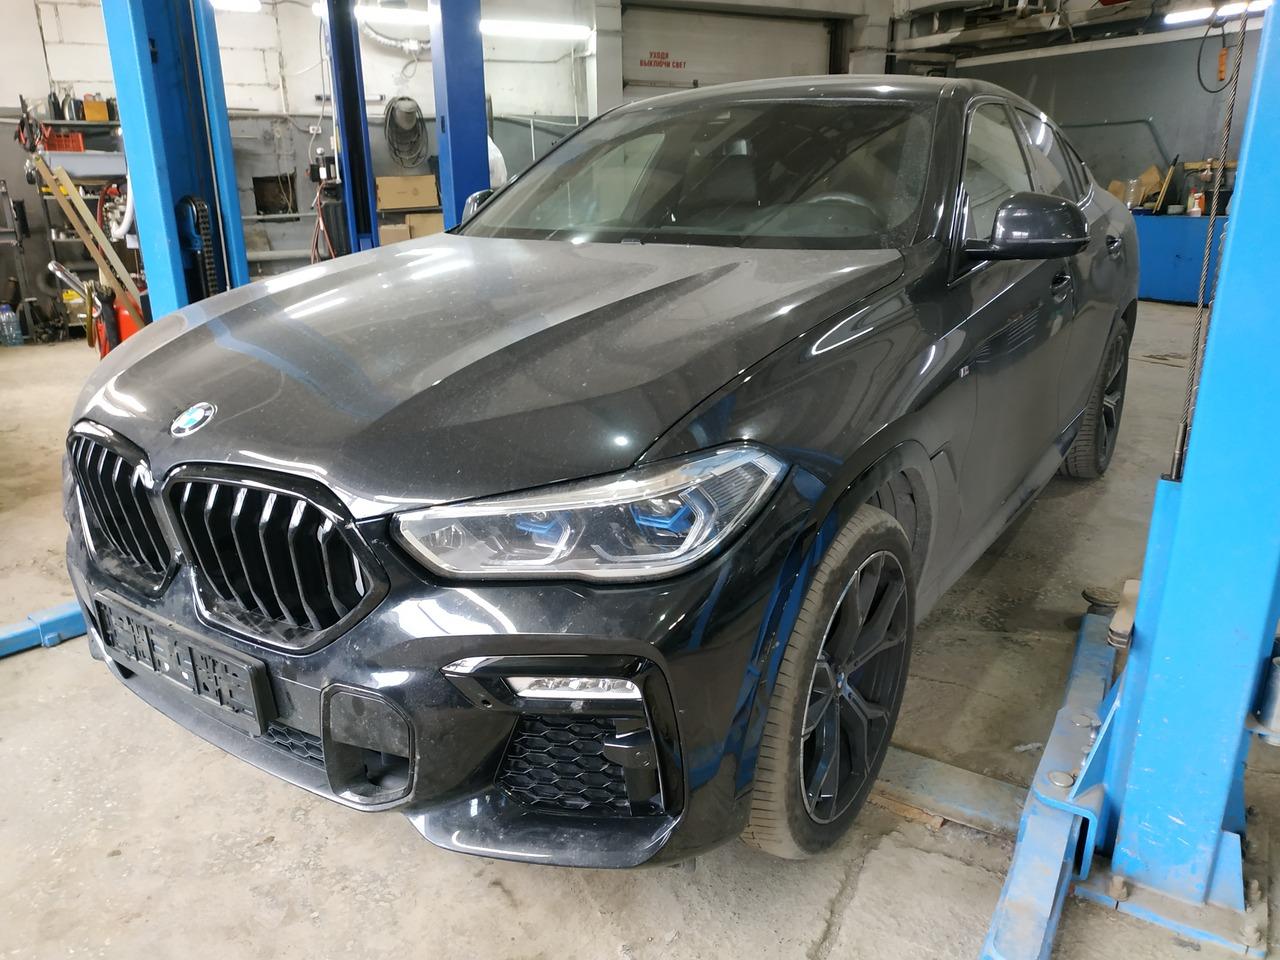 BMW X6 G06 40d 2020 г.в.